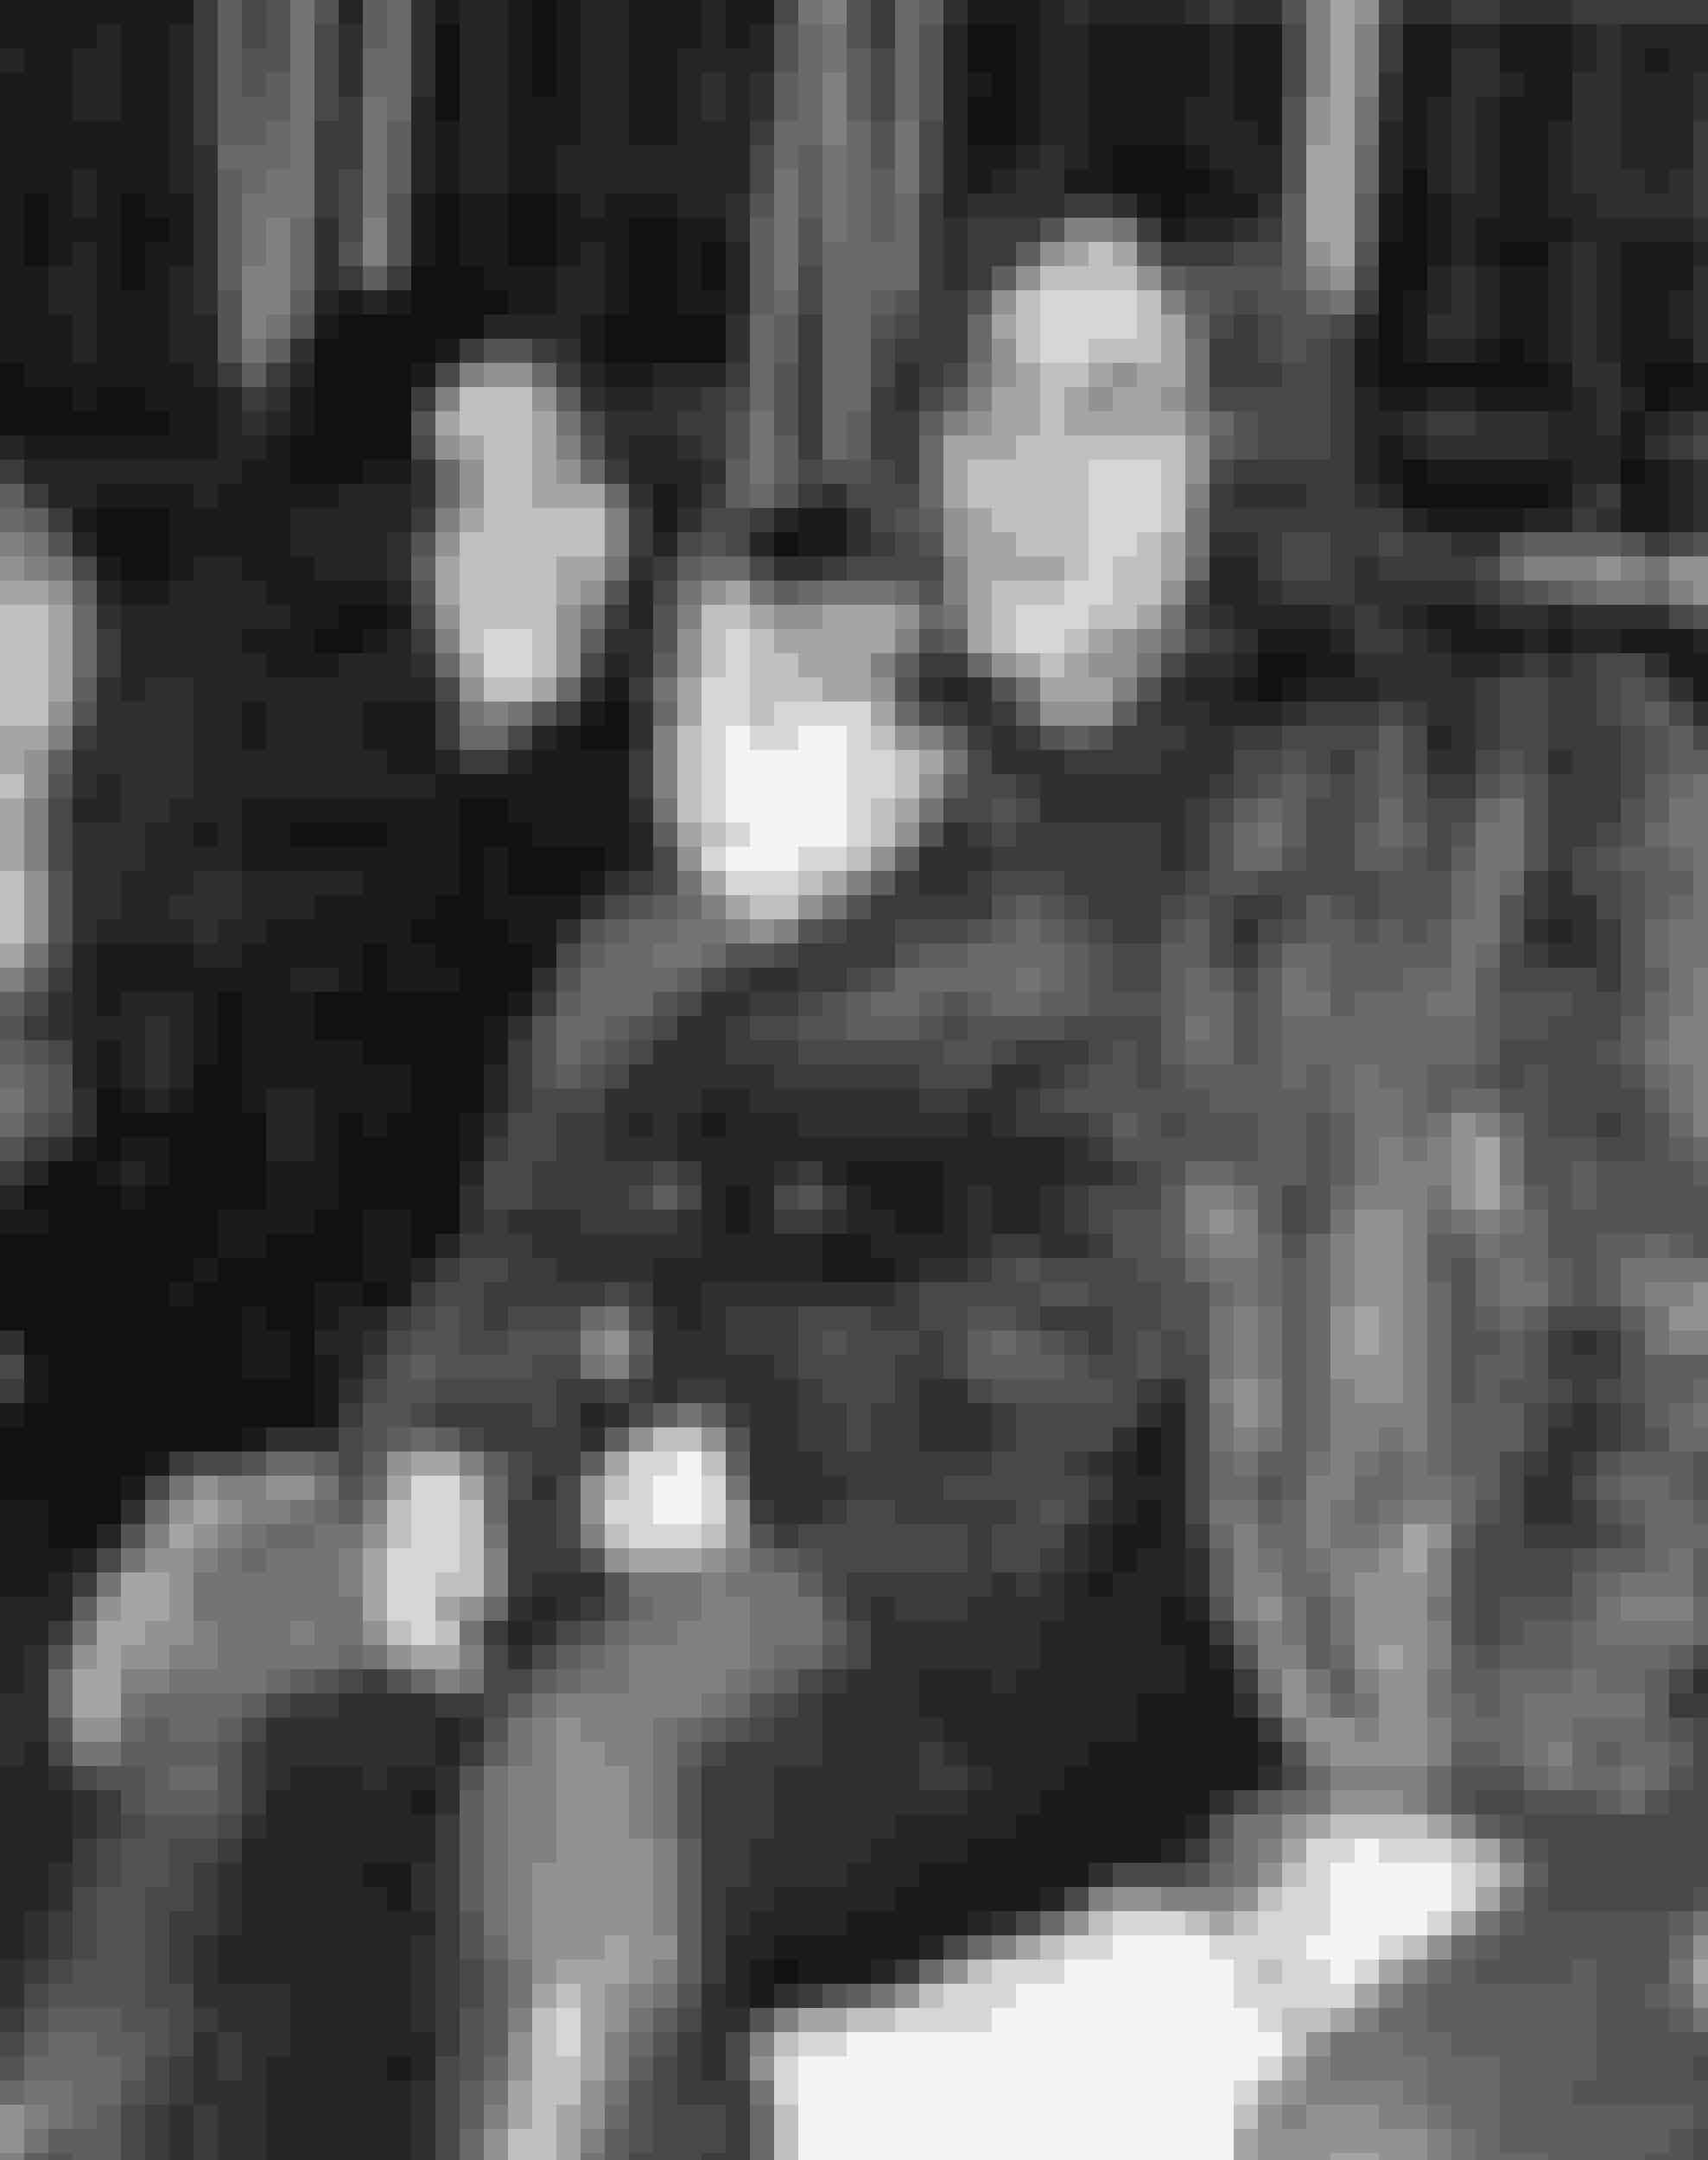 John LennonVores allesammens Beatles-darling John Lennon endte som 4-årig med at bo hos sin tante Mimi, efter at hans biologiske forældre gik fra hinanden. Sangerens far var sømand, og var hverken til stede da Lennon blev født eller meget af hans barndom derefter. Hans mor fandt en ny mand, men kom ofte på besøg hos tante Mimi for at se sin søn. På sine mange besøg lærte hun sin søn at spille klaver og banjo, og det var også hende, der købte Lennons første guitar. På trods af adoptionen er det altså sangerens biologiske mor, som vi kan takke for musik-geniet.